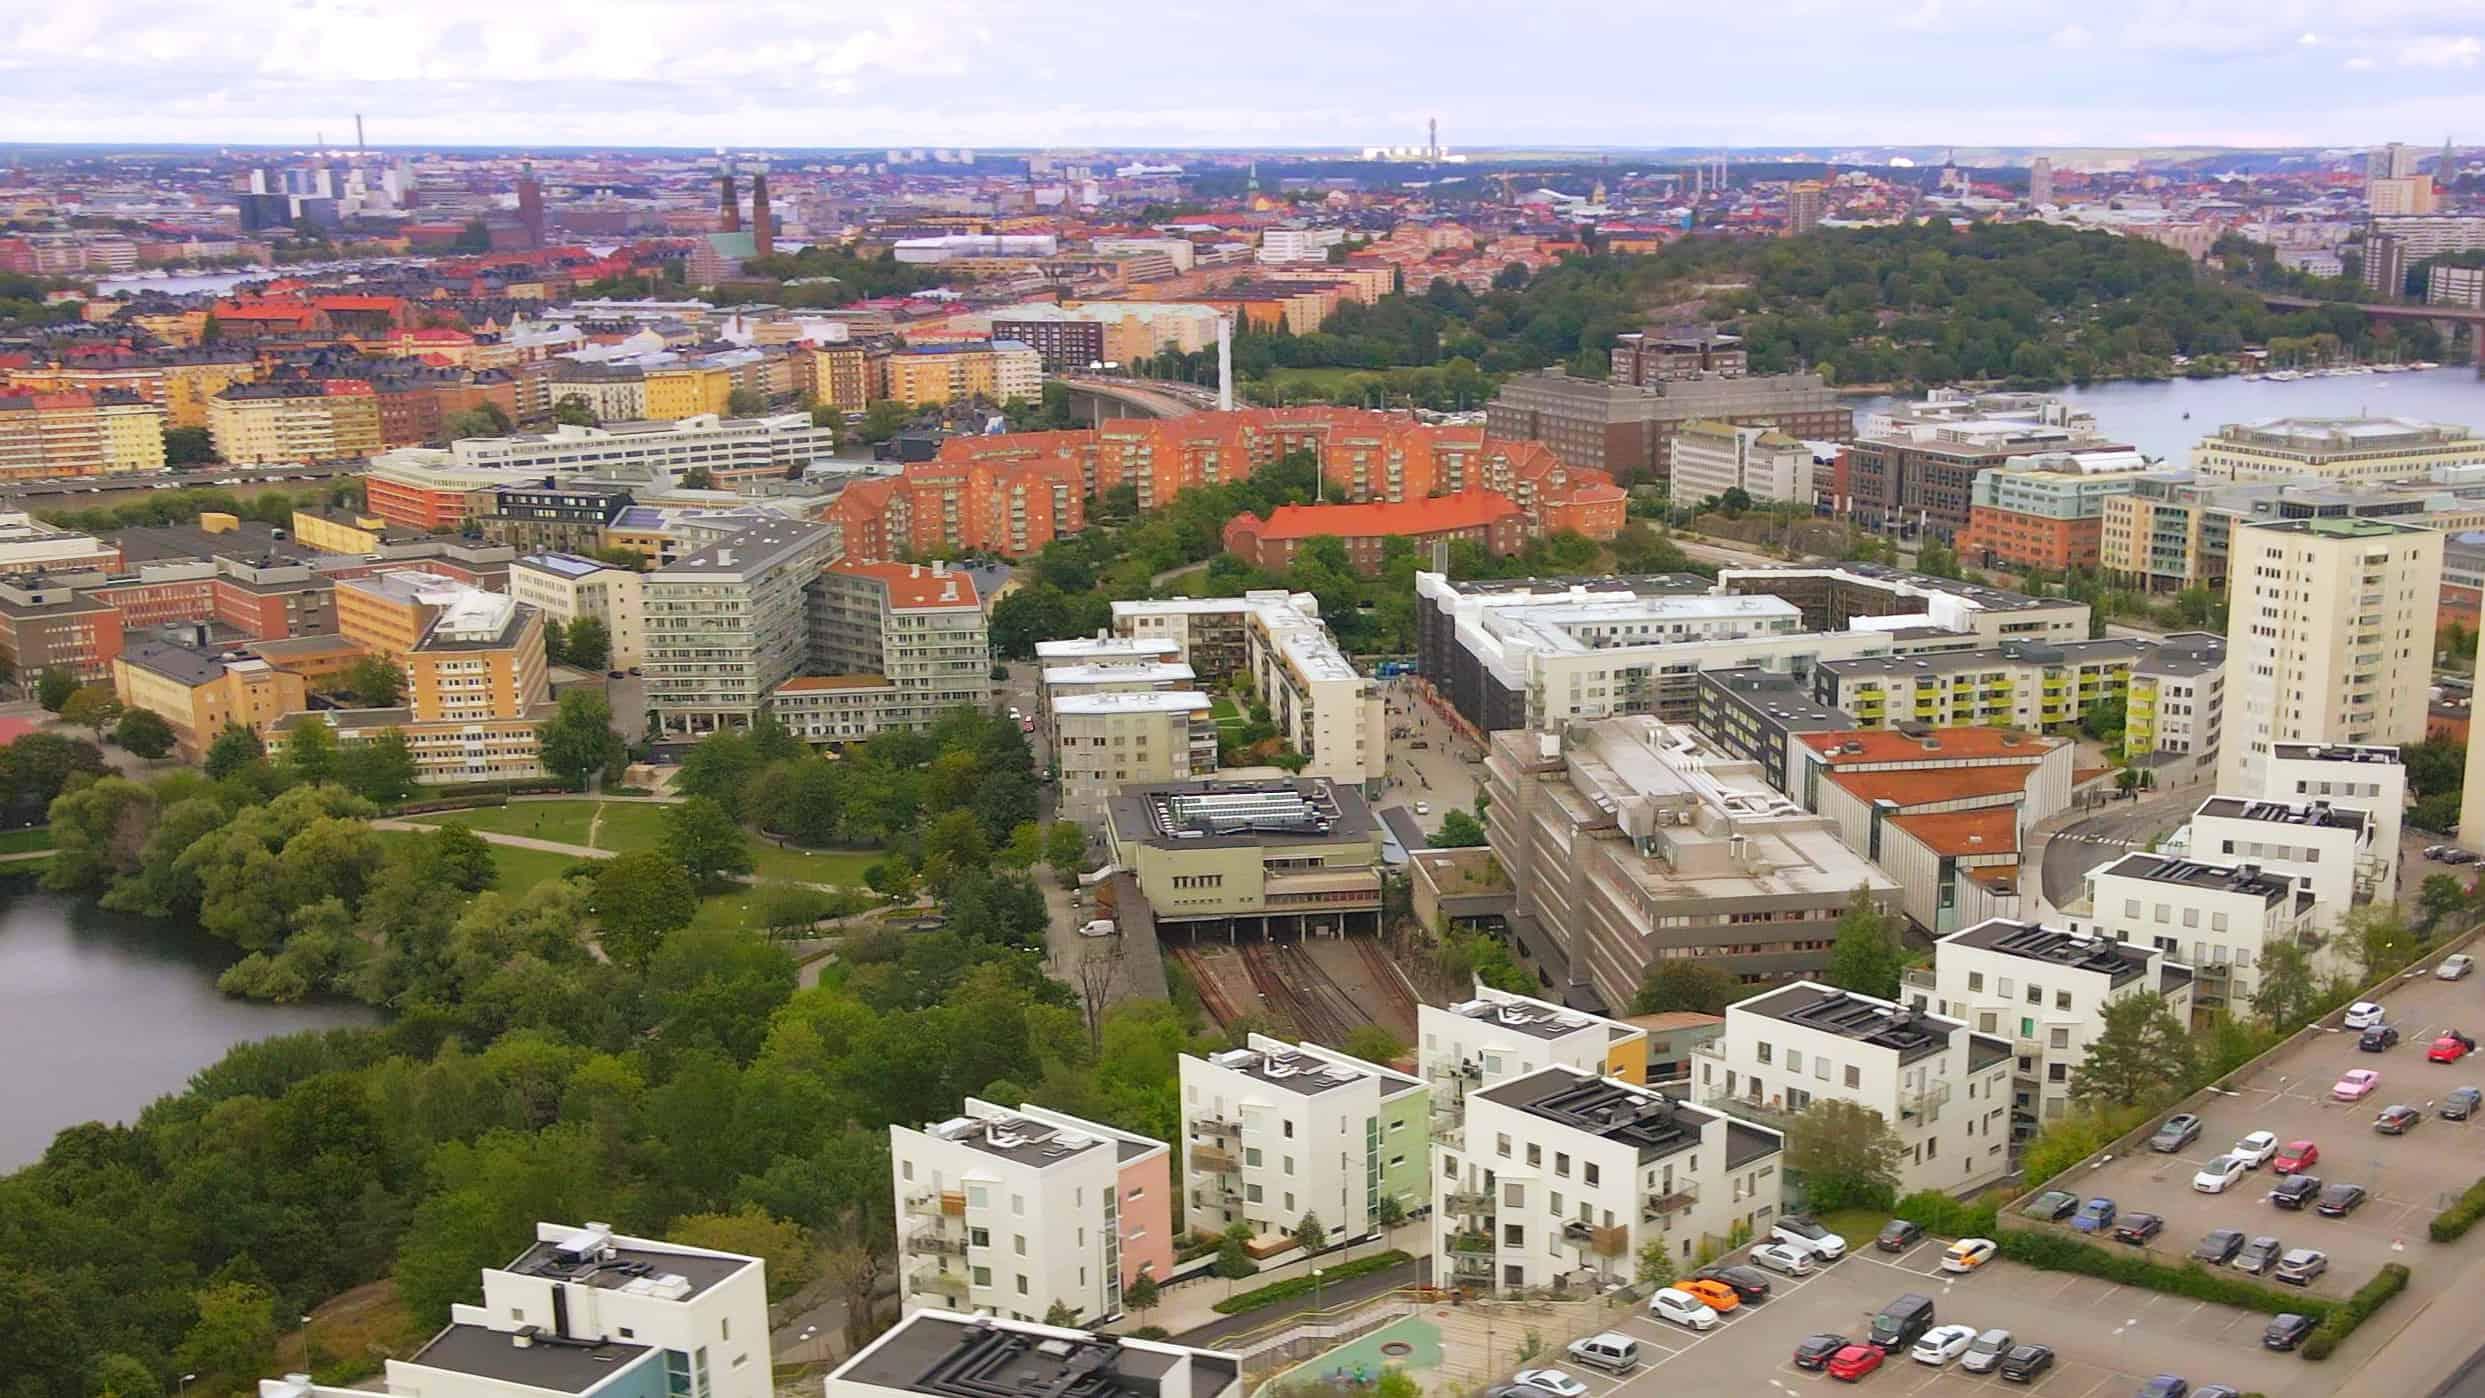 Liljeholmen spårområde och stadsvy